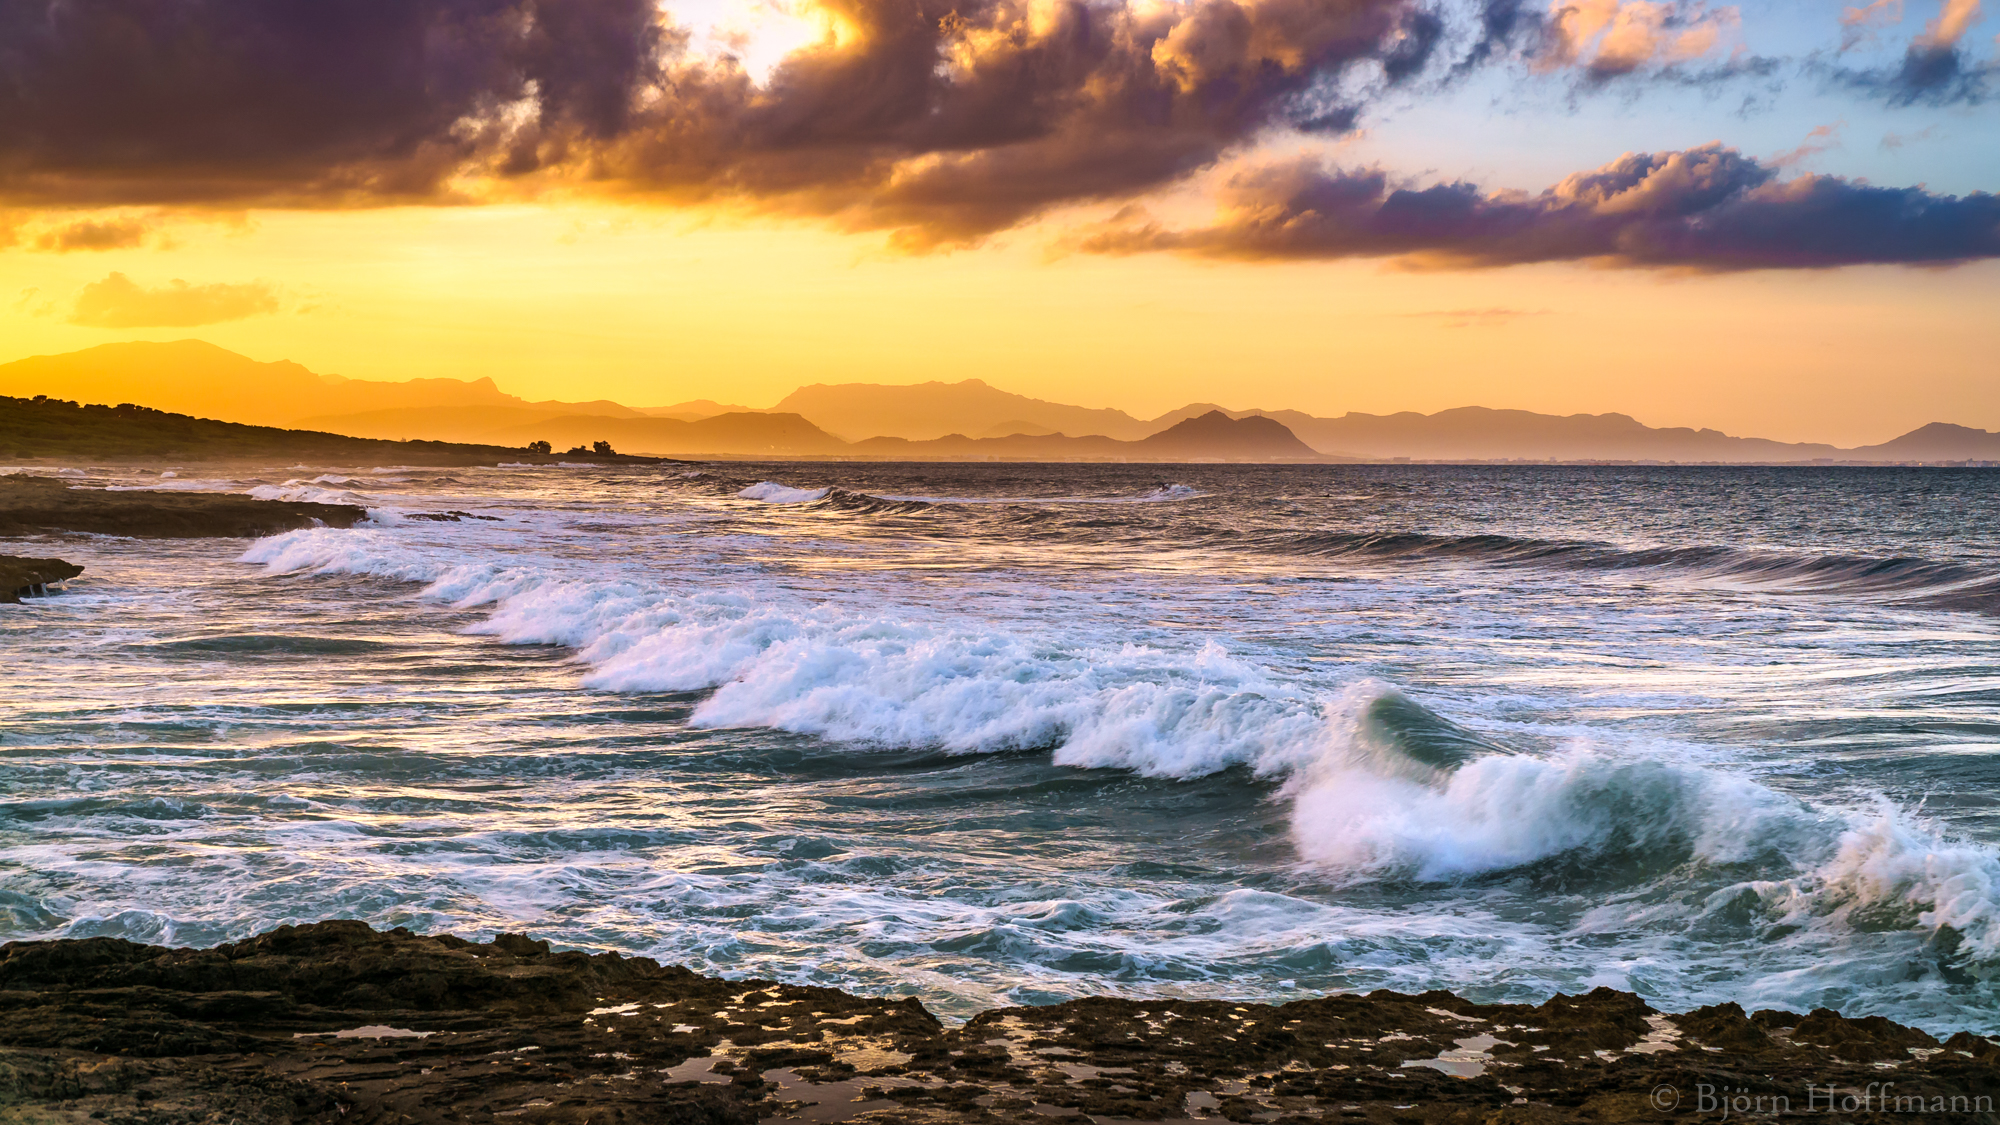 Mallorca, Son Serra Beach with Mountain View, Spain